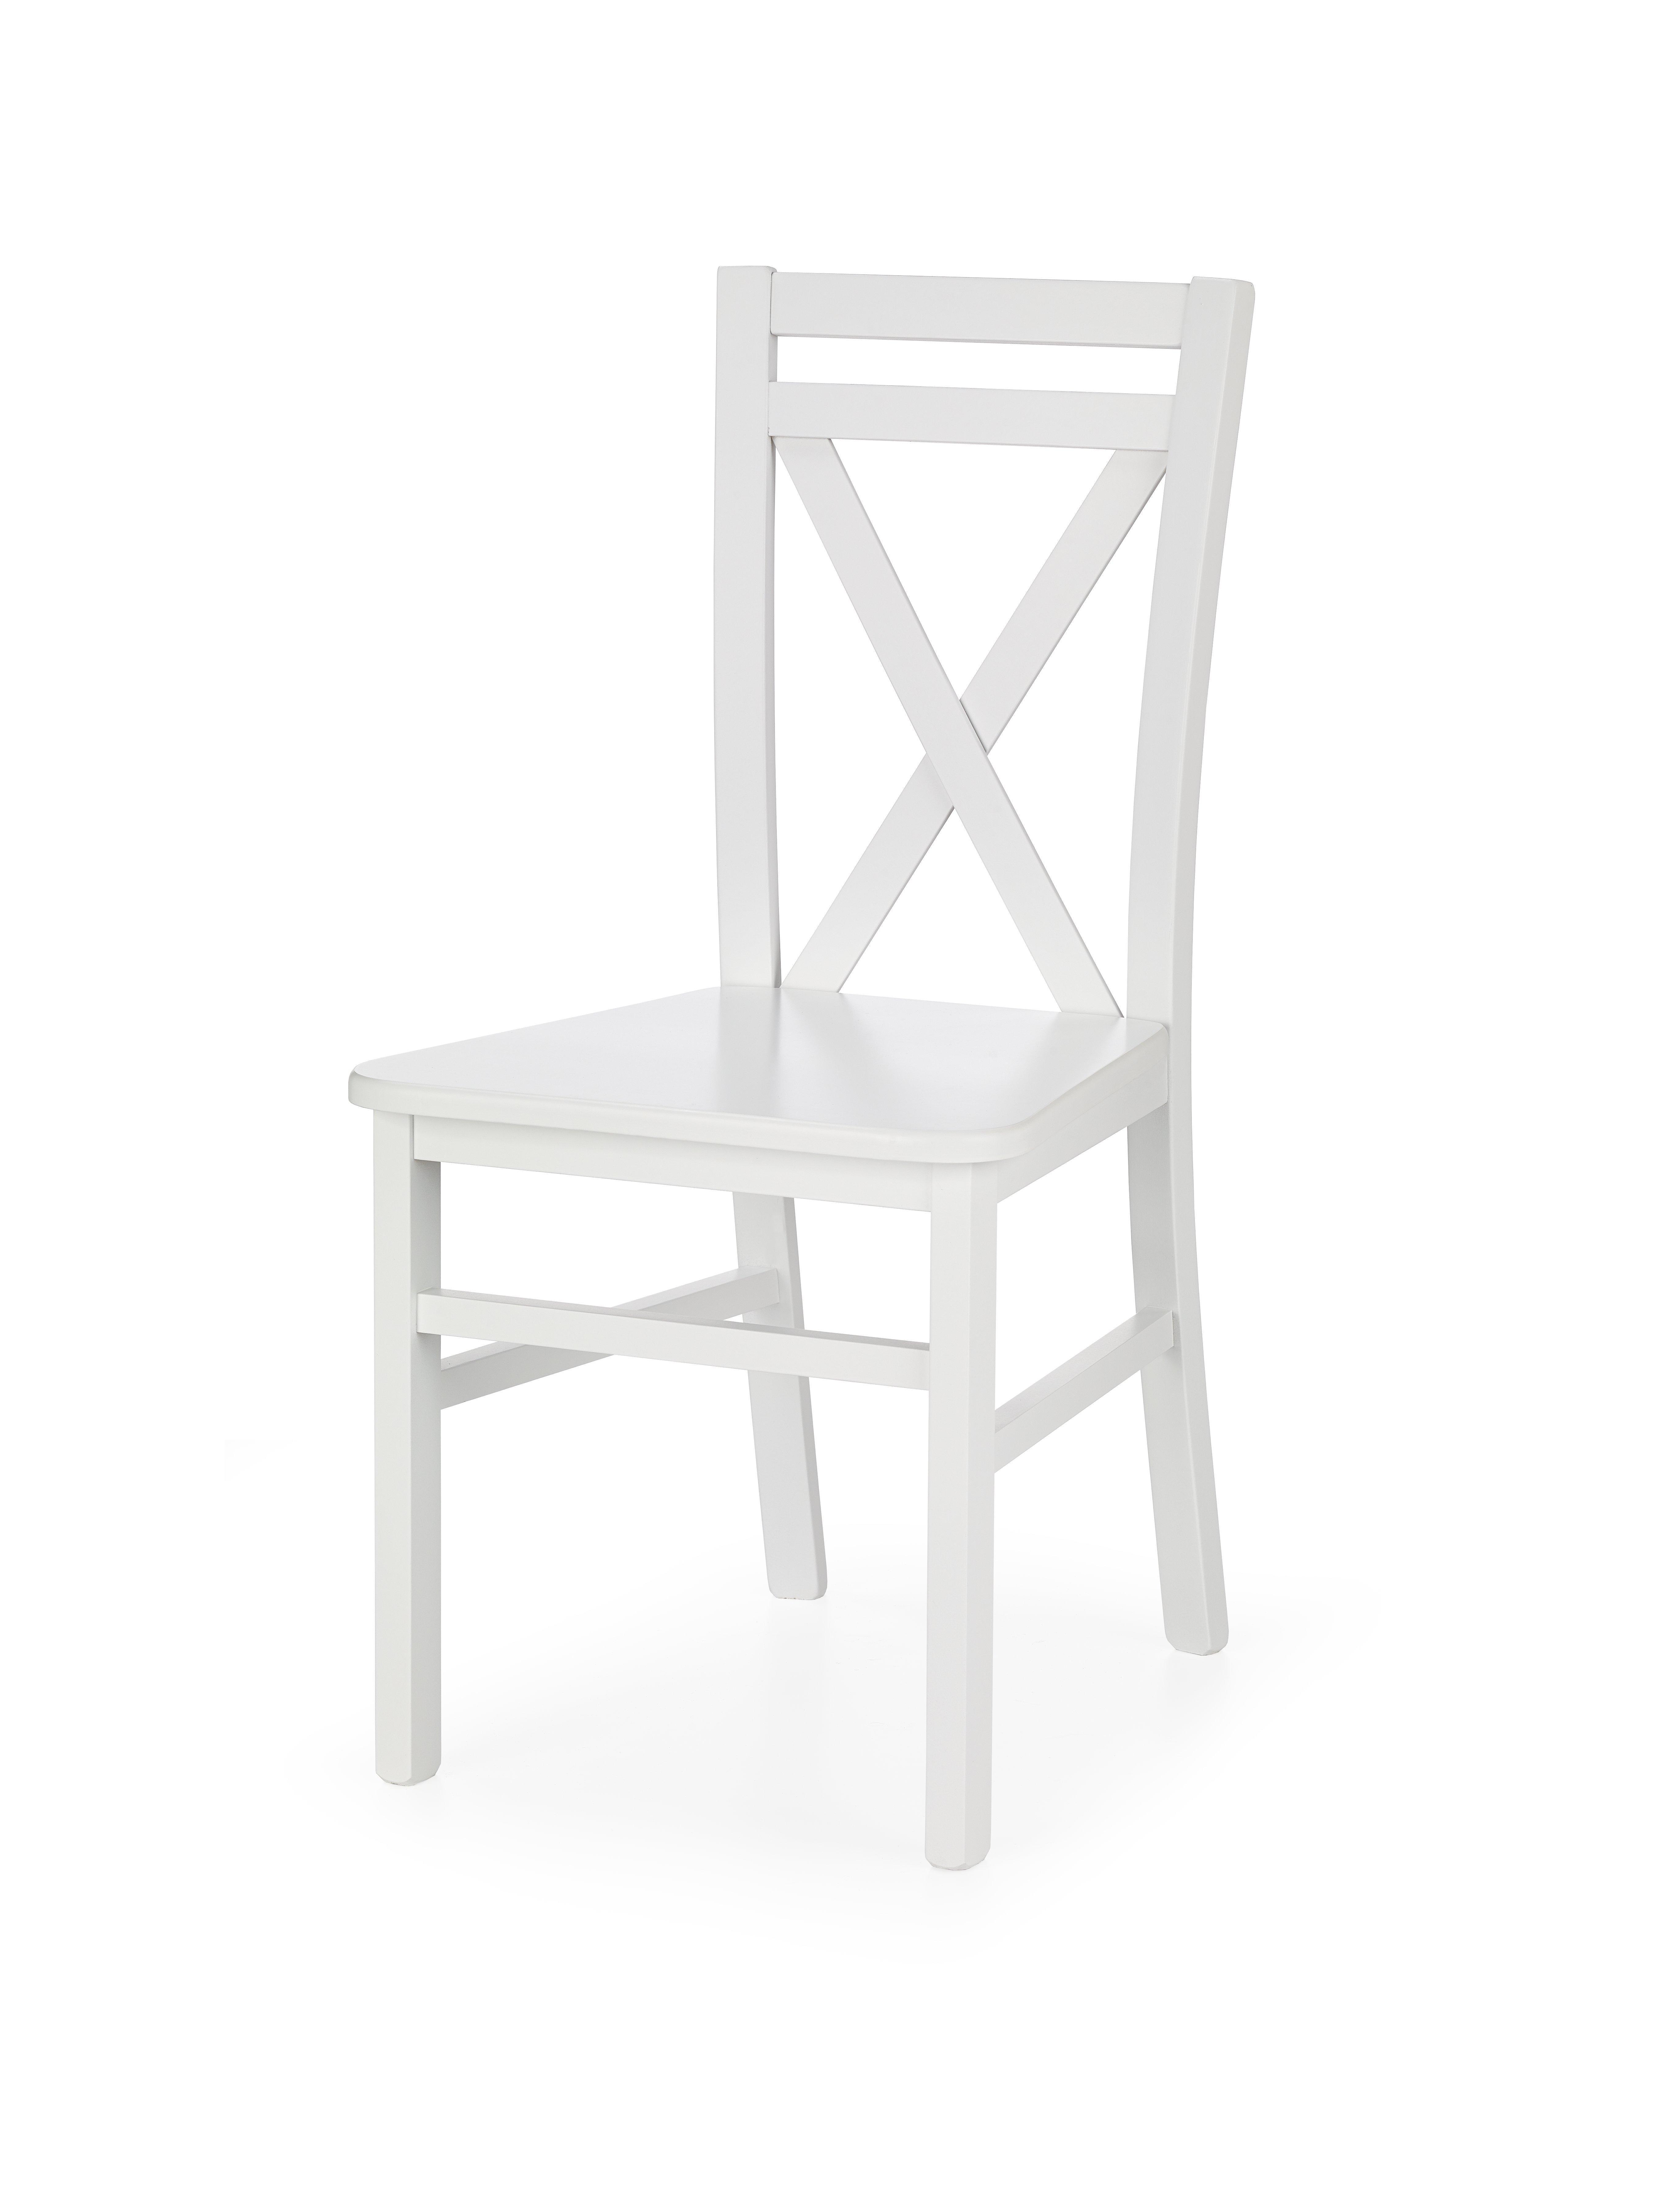 Jedálenská stolička - Halmar - Dariusz 2 (biela). Sme autorizovaný predajca Halmar.